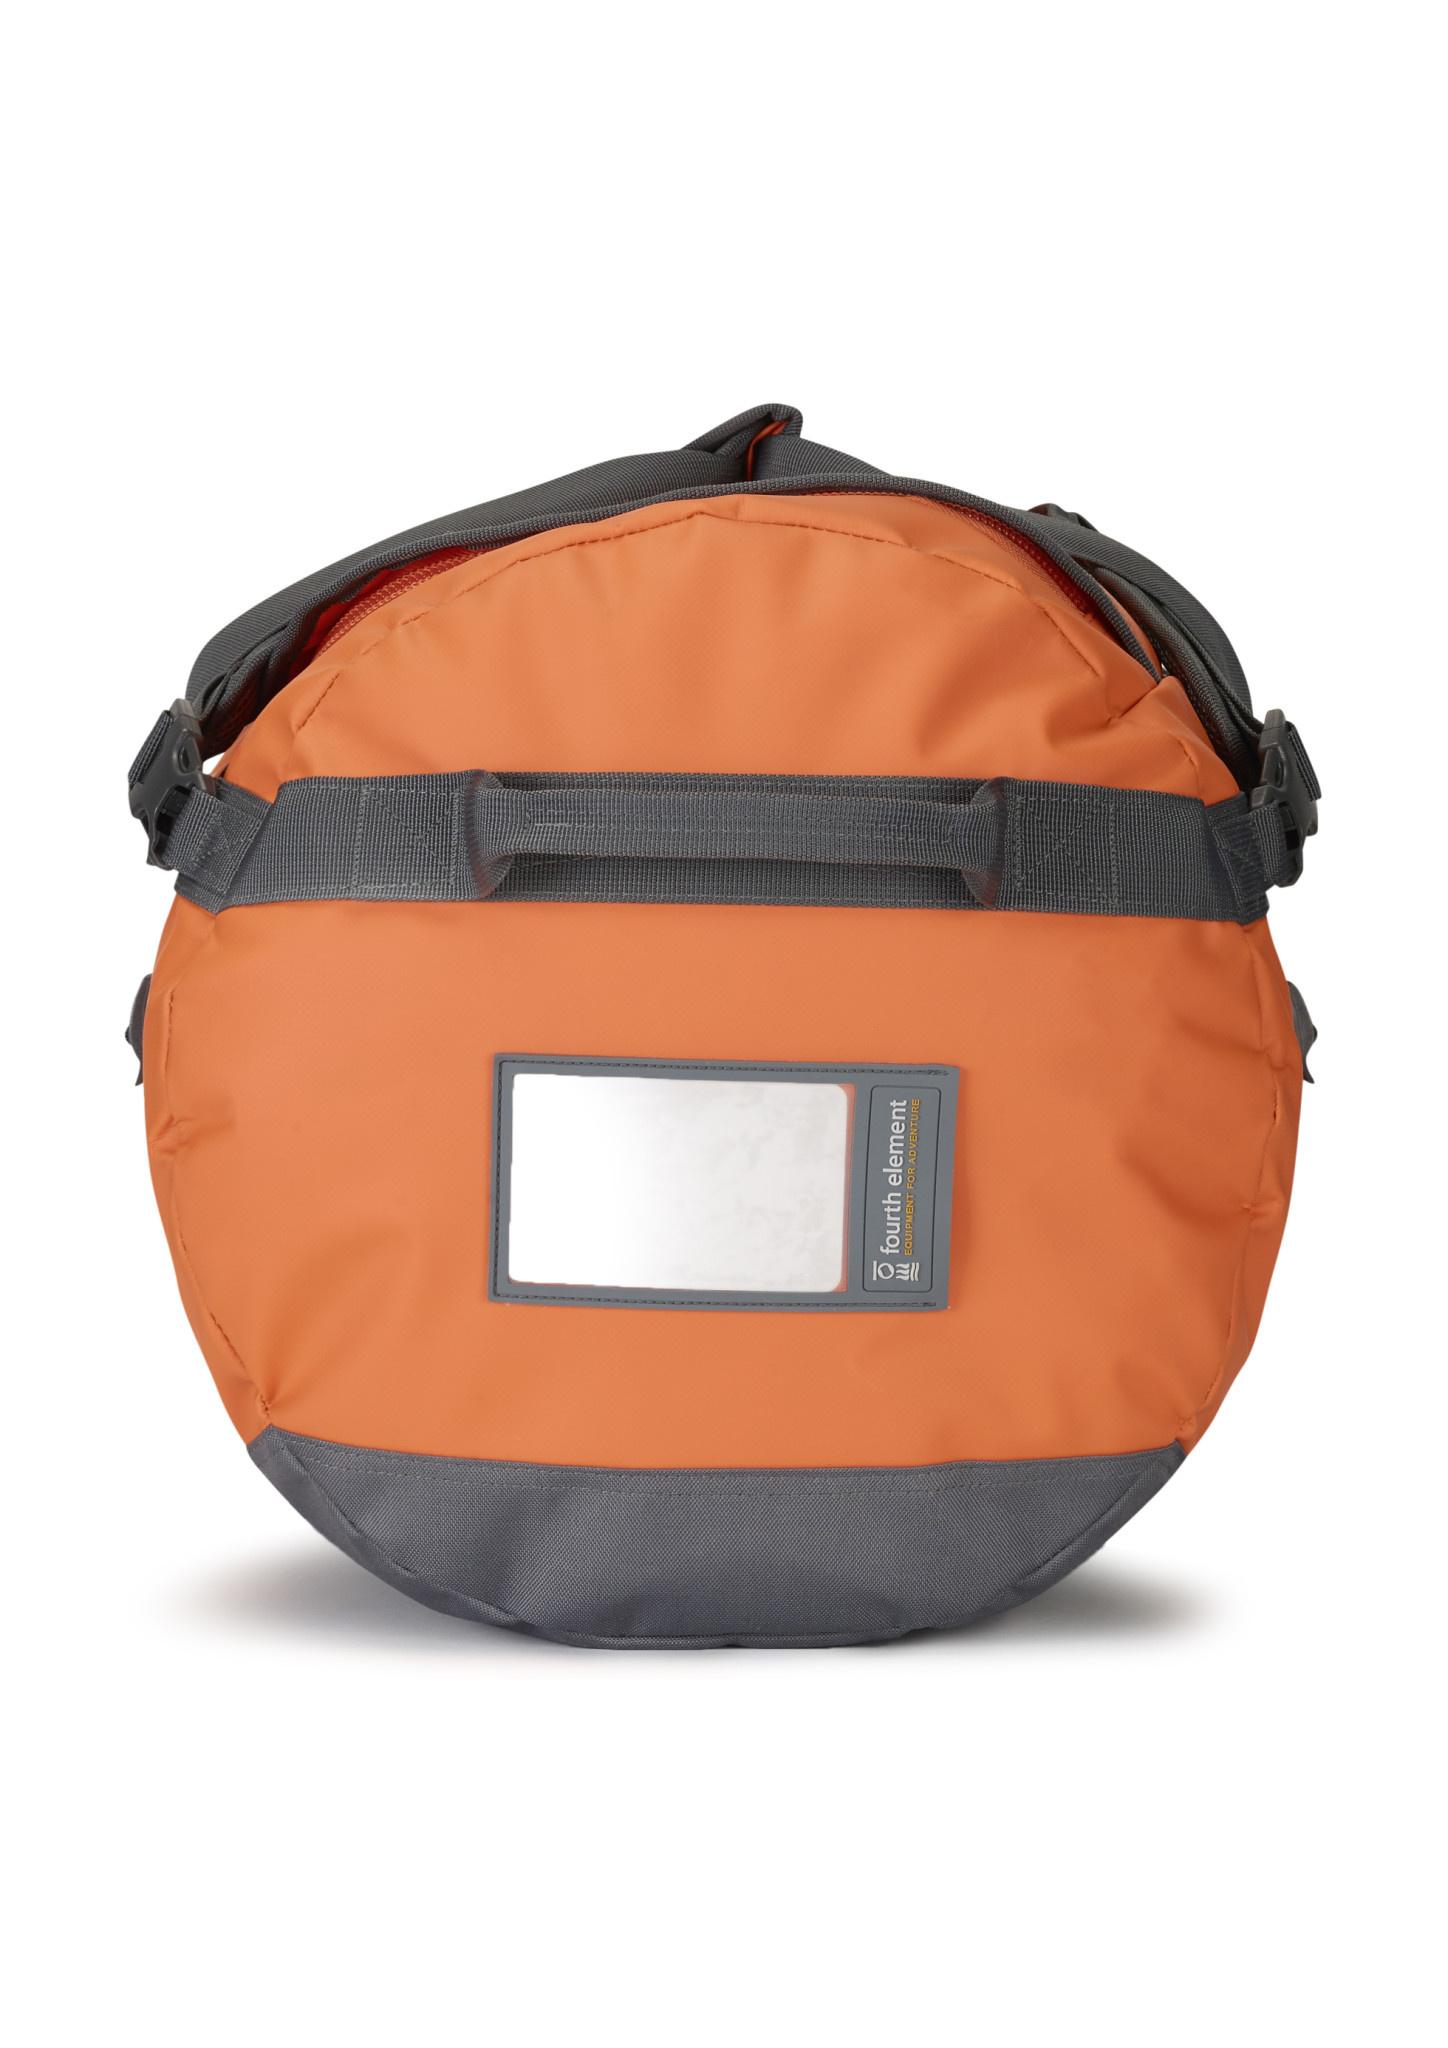 Expediton Duffelbag Orange-5